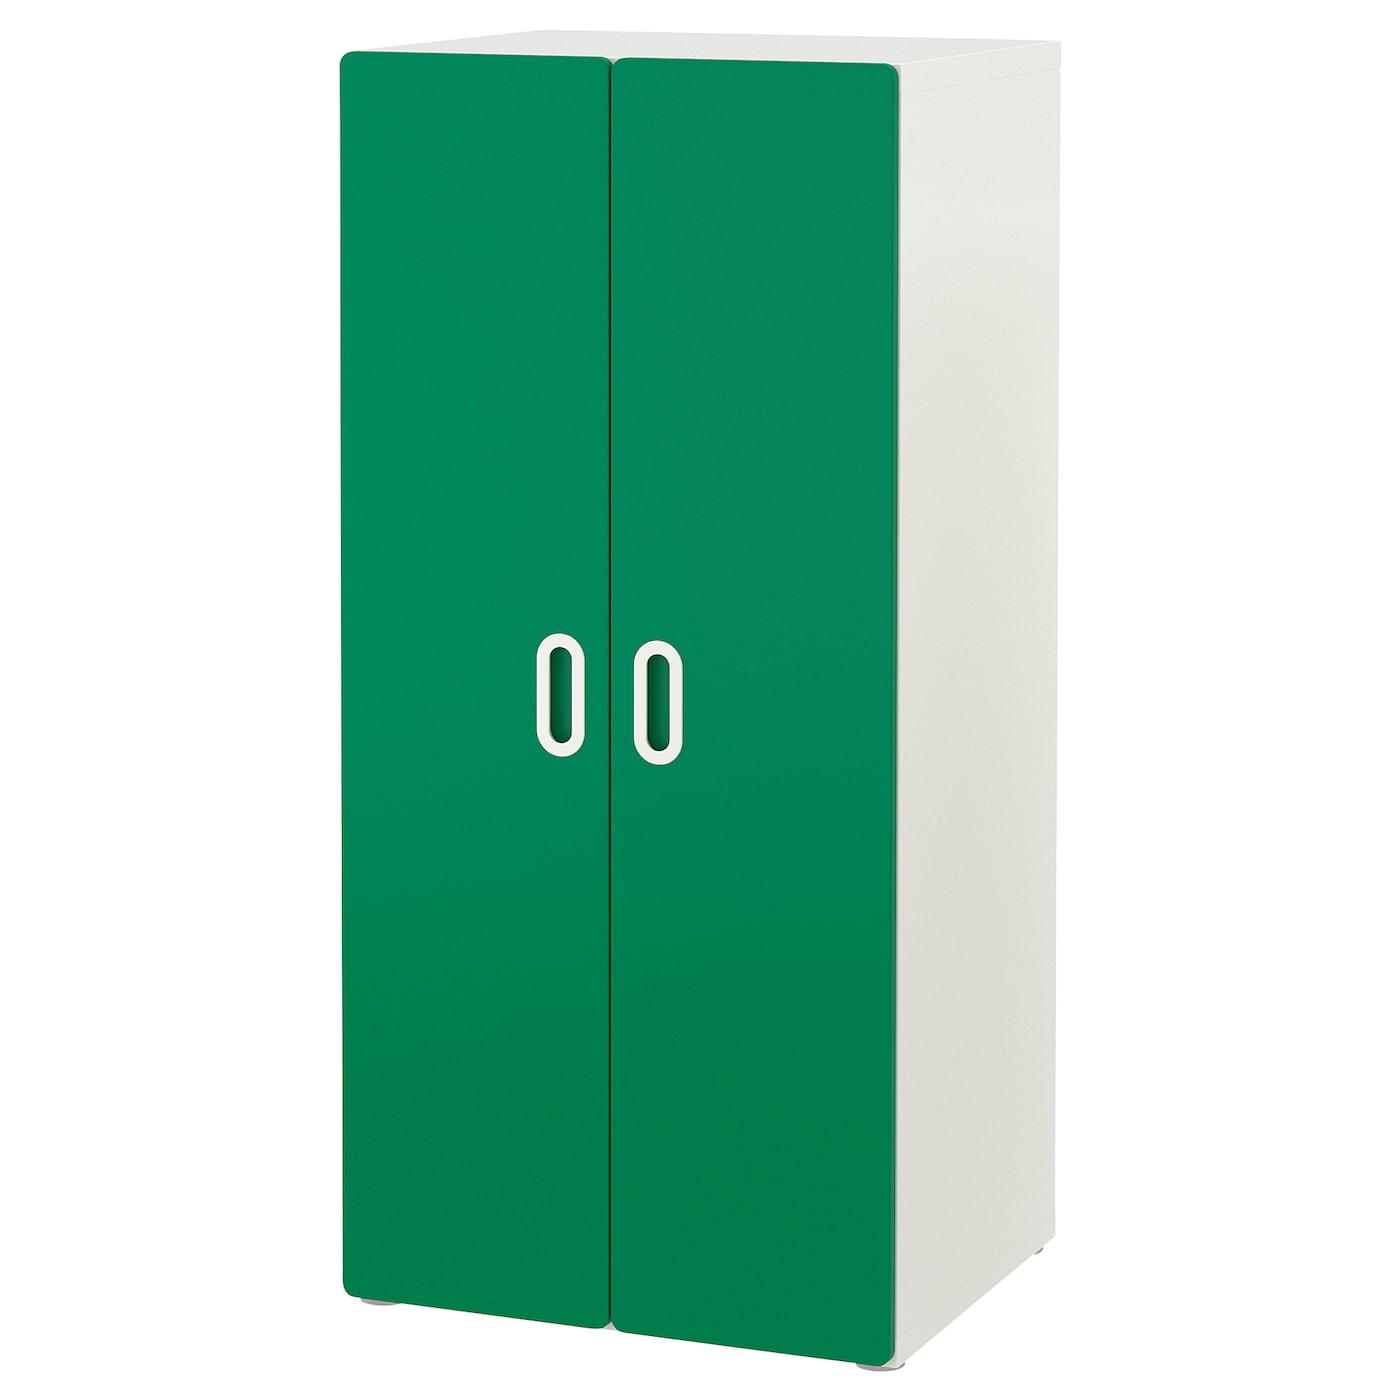 IKEA STUVA biała szafa z parą zielonych drzwi FRITIDS, 60x50x128cm